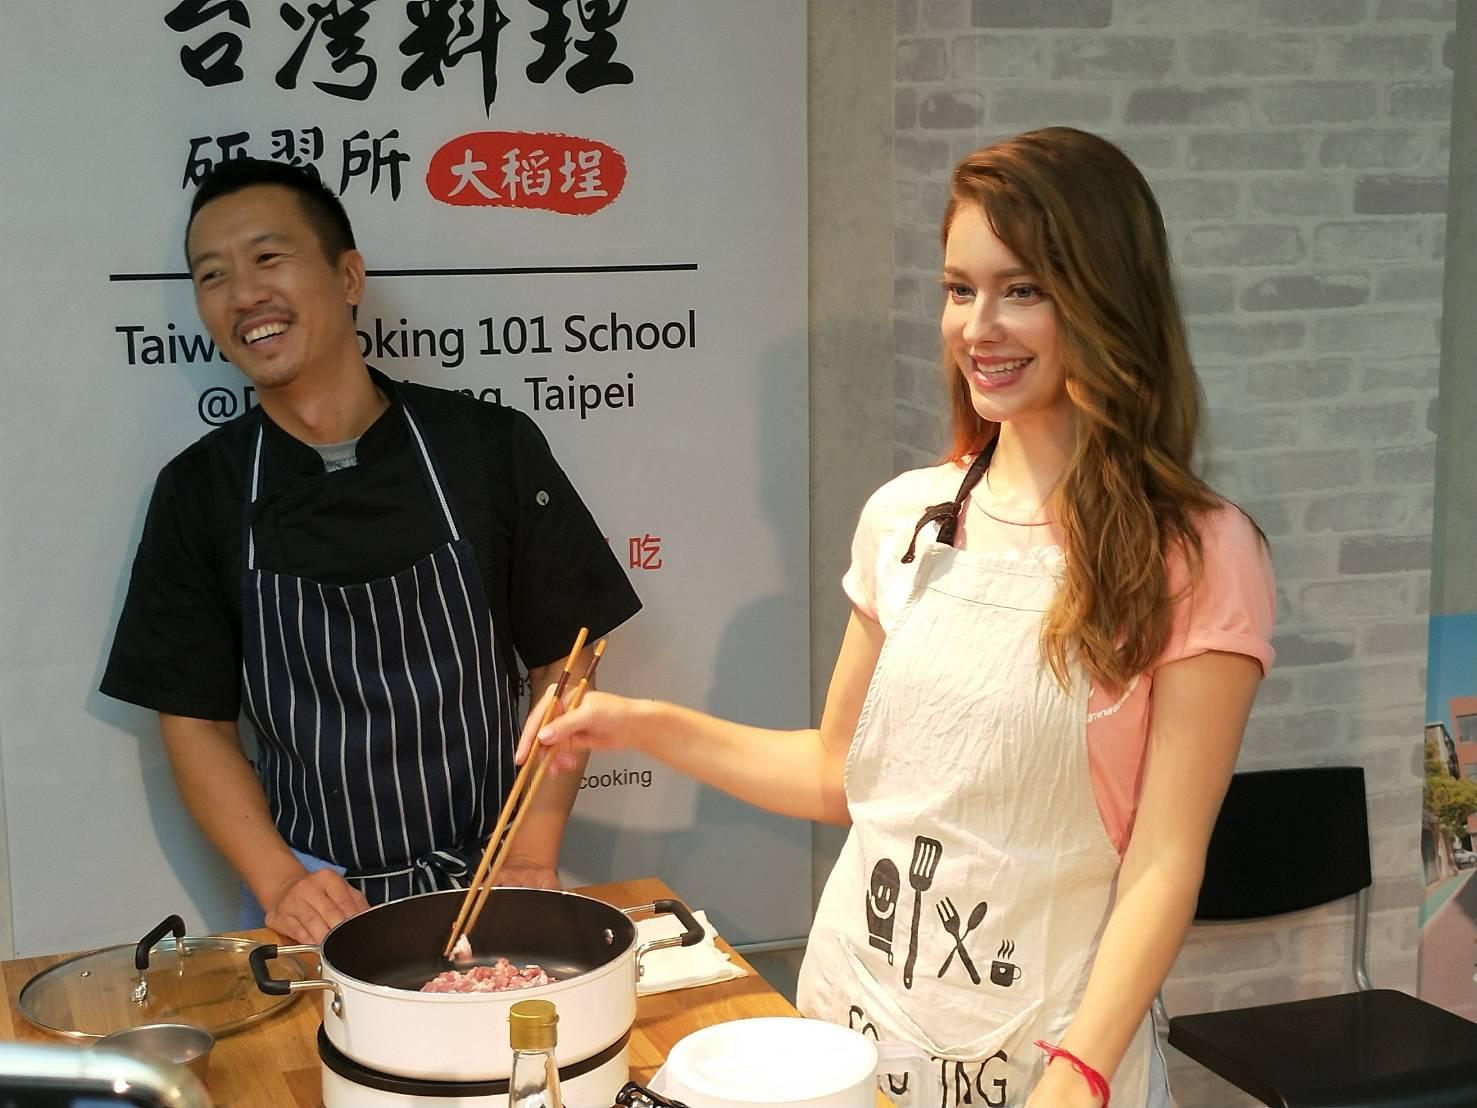 之前才表明想在台灣開餐廳的安妮,在老師的指導下烹調道地滷肉飯。